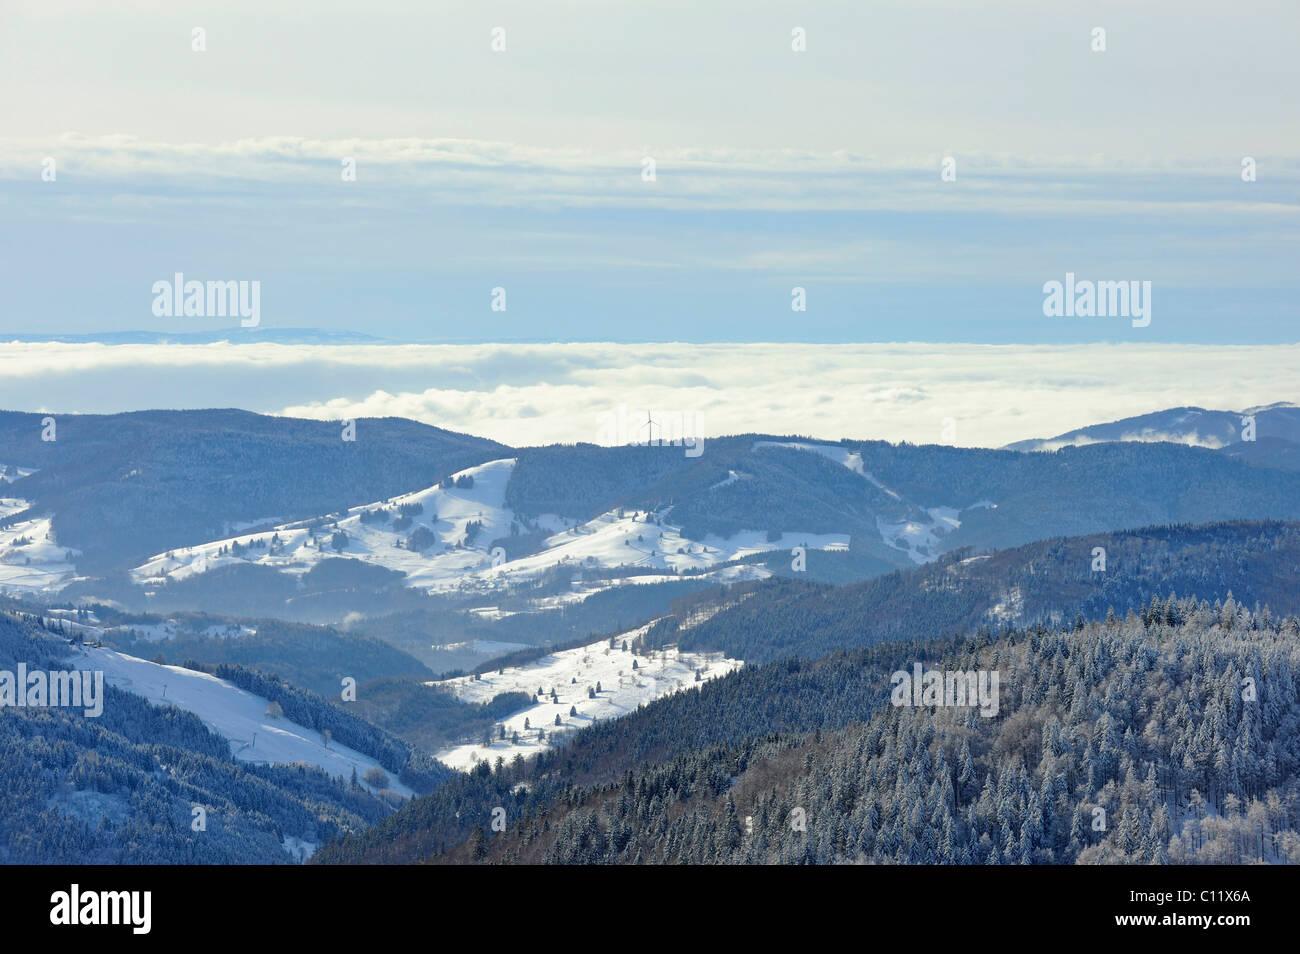 Blick vom Mt. Feldberg auf den winterlichen Wiesental und die Hügel des Hochschwarzwaldes, Landkreis Breisgau-Hochschwarzwald Stockfoto